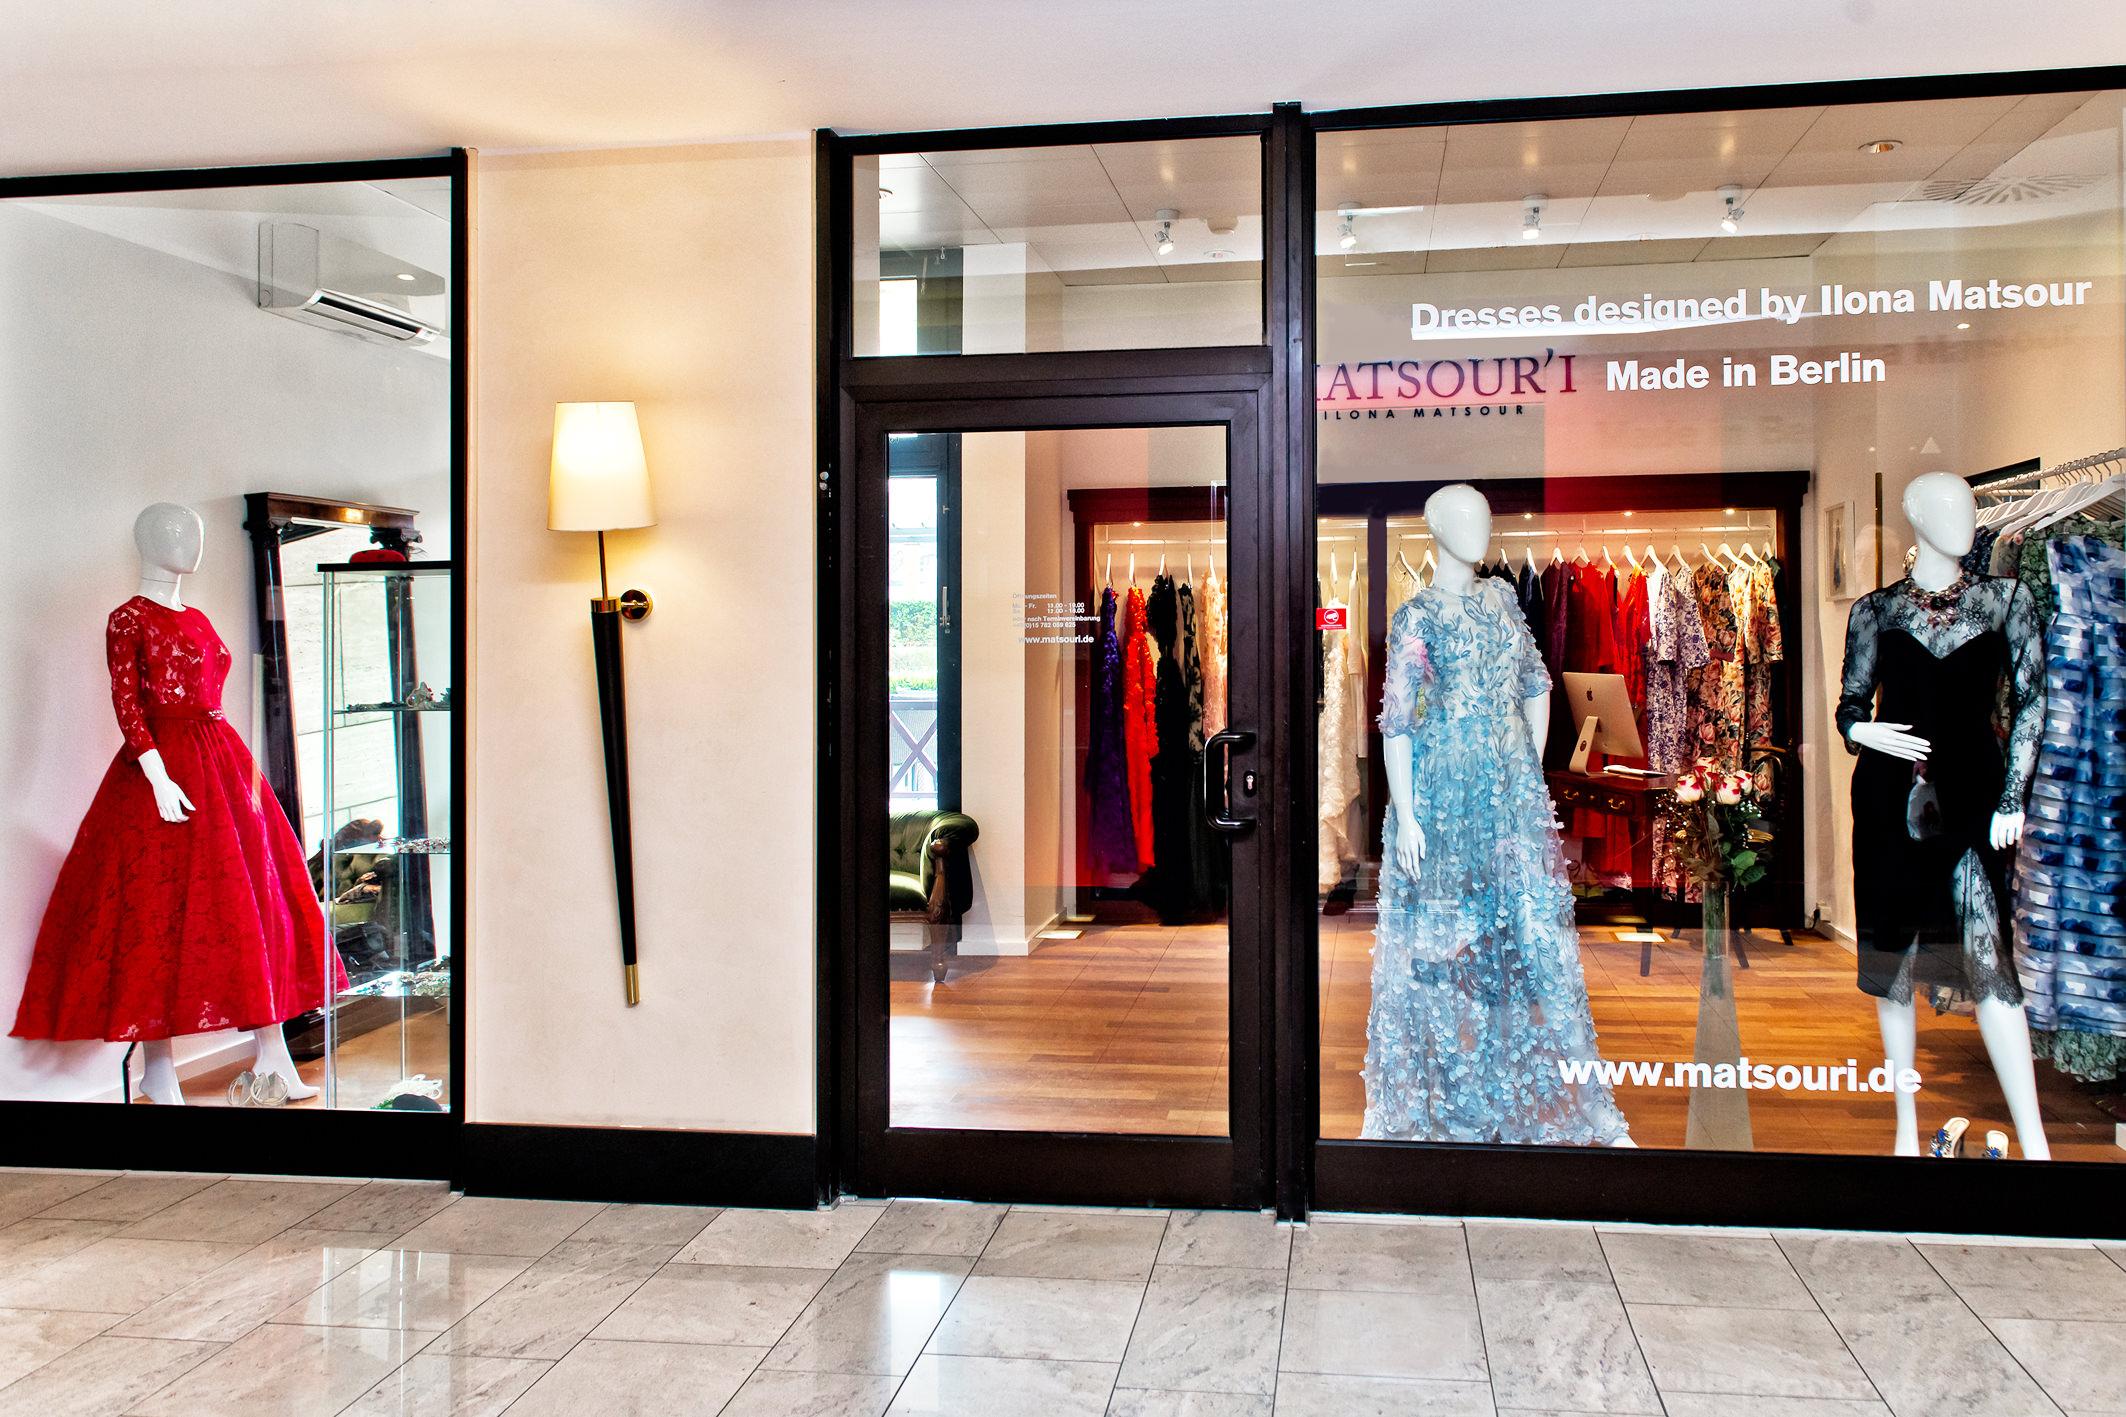 matsour'i abendmode berlin - boutique